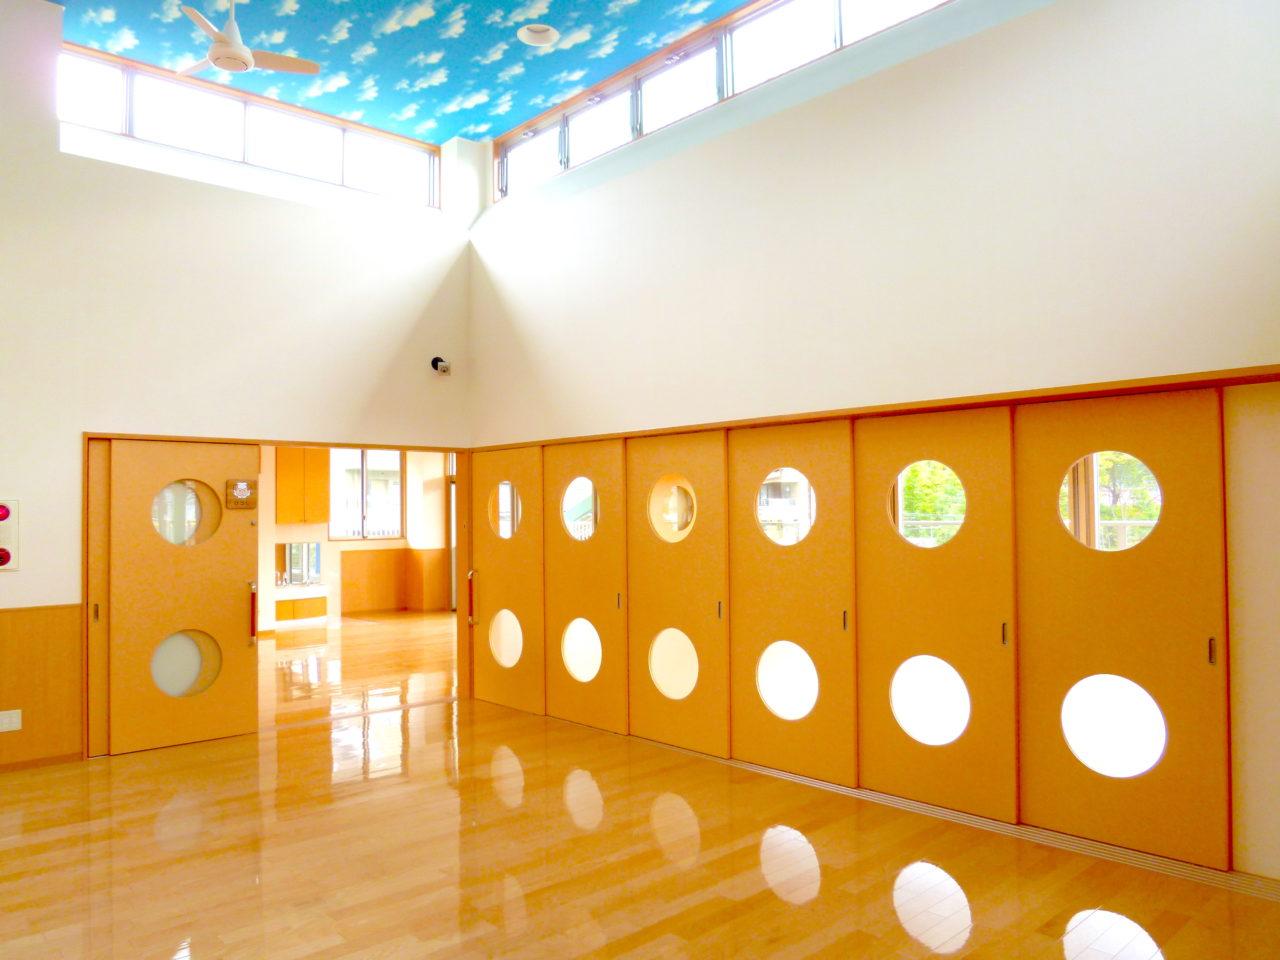 天井の青空が保育園らしくてかわいい